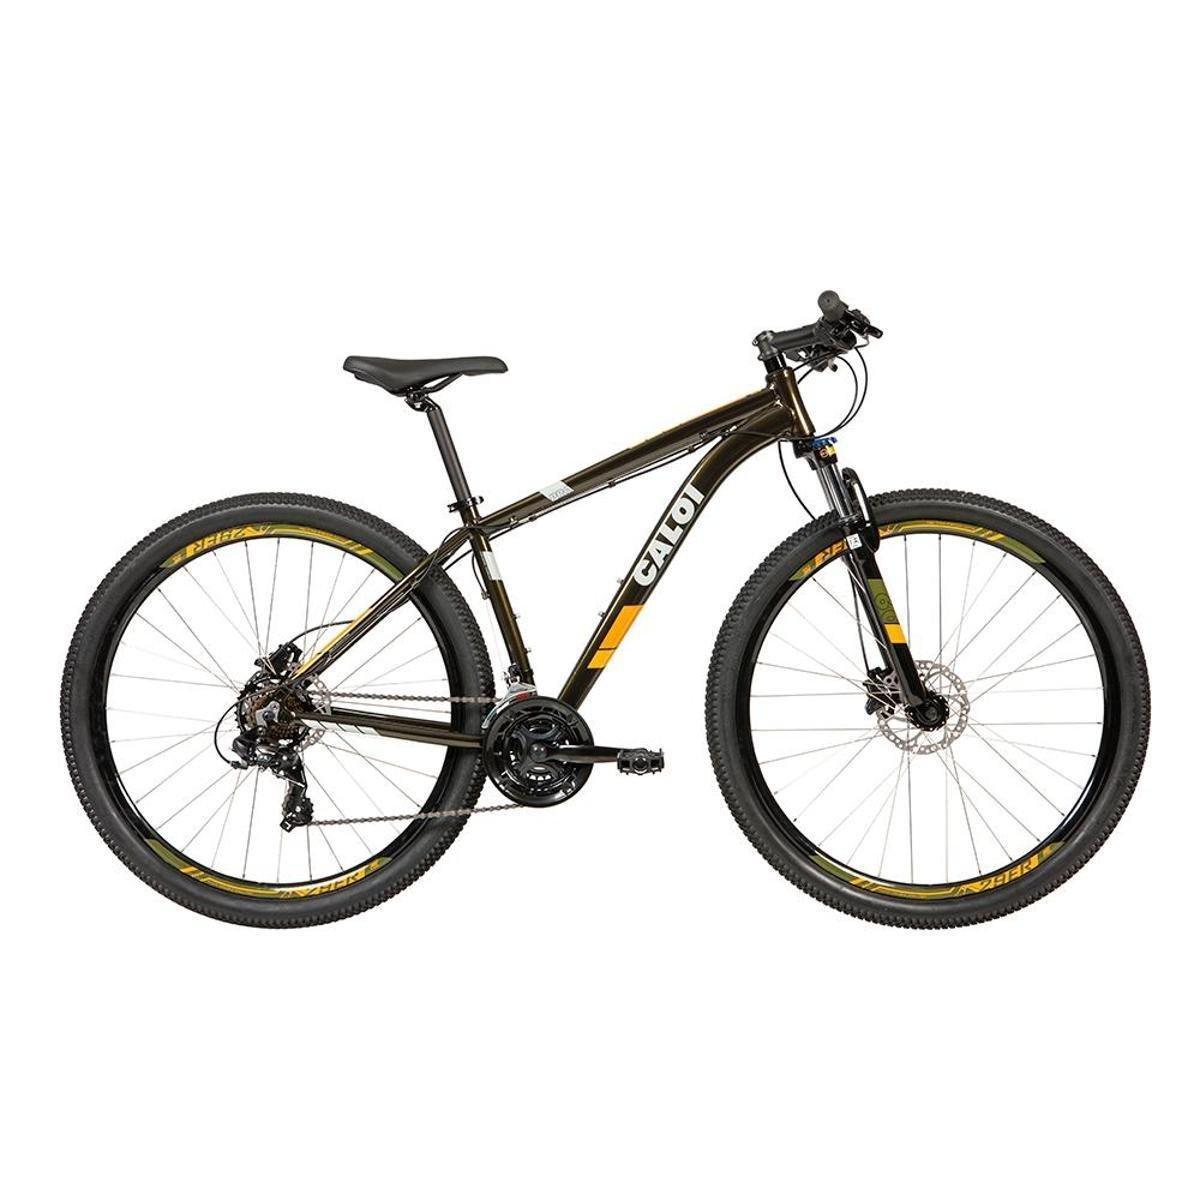 Bicicleta Caloi Two Niner Aro 29 Susp. Dianteira 21 Marchas - Verde